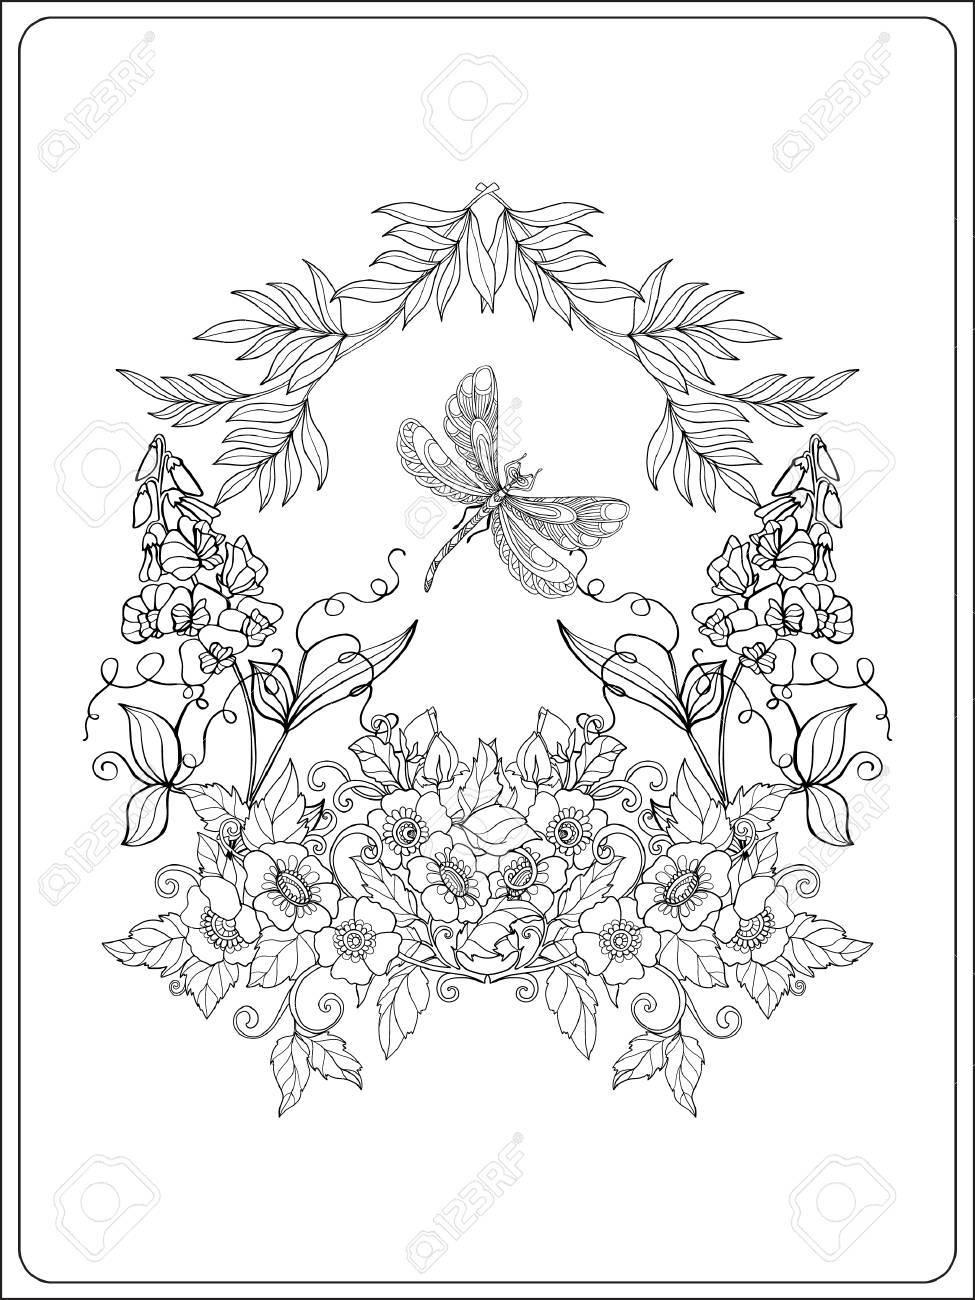 Dekorative Blumen, Vögel Und Schmetterlinge. Malbuch Für Erwachsene ...